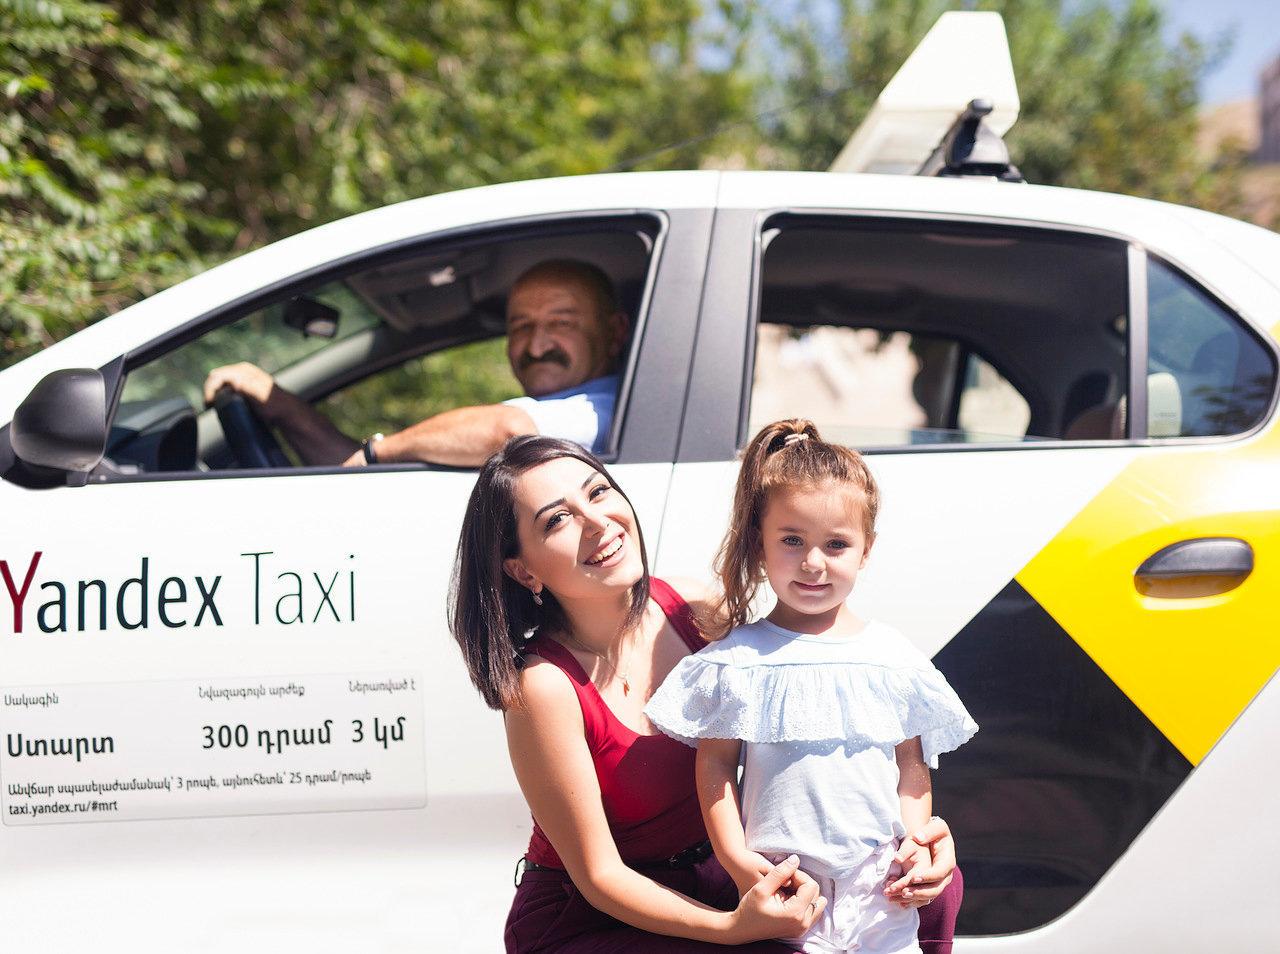 Яндекс.Такси работает уже в 12 странах